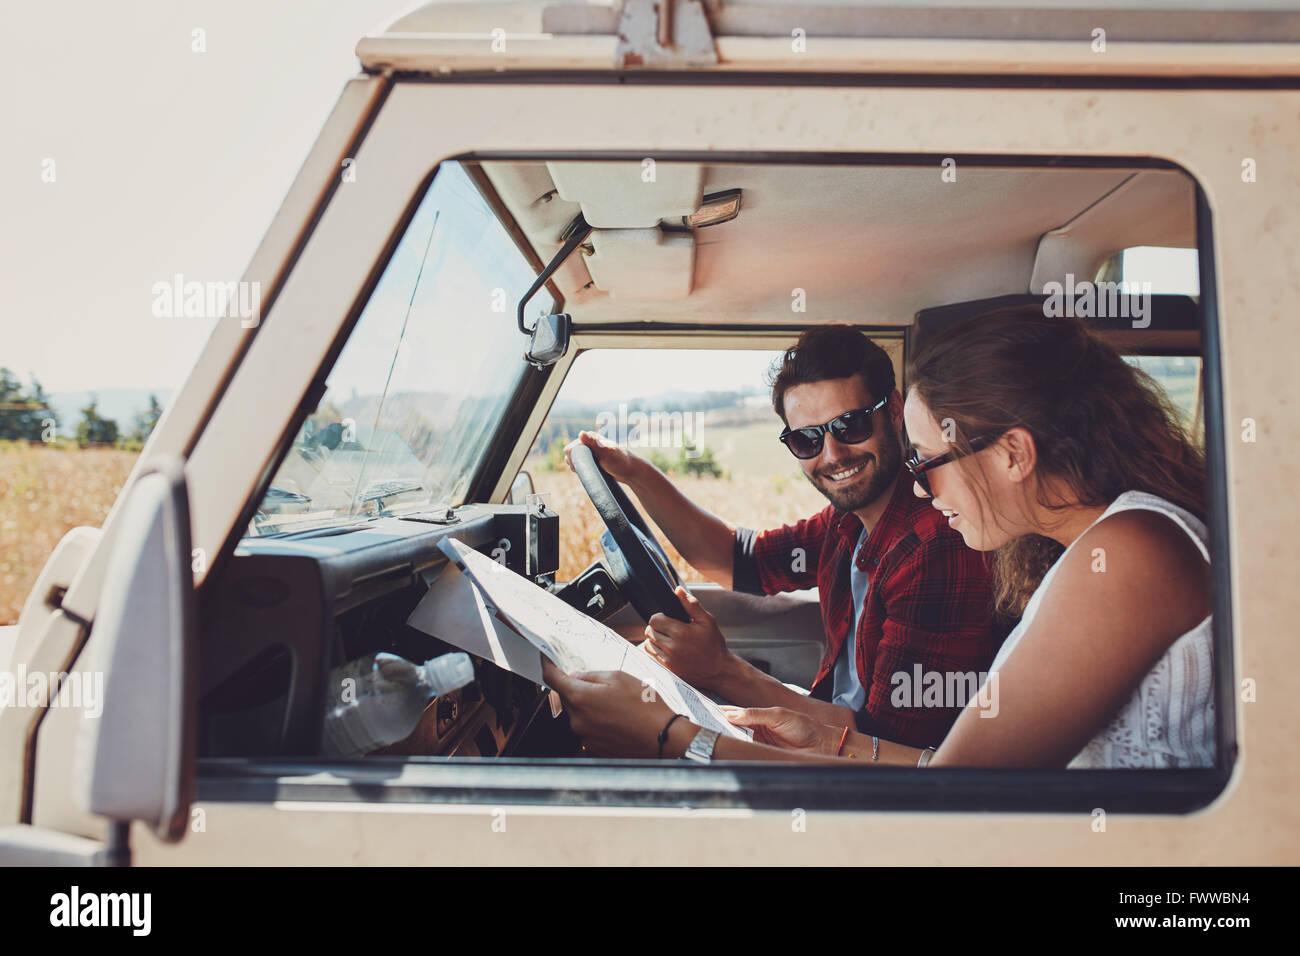 L'homme et la femme sur un voyage sur la route et la lecture d'un site, tandis qu'assis à l'intérieur de leur voiture. Banque D'Images